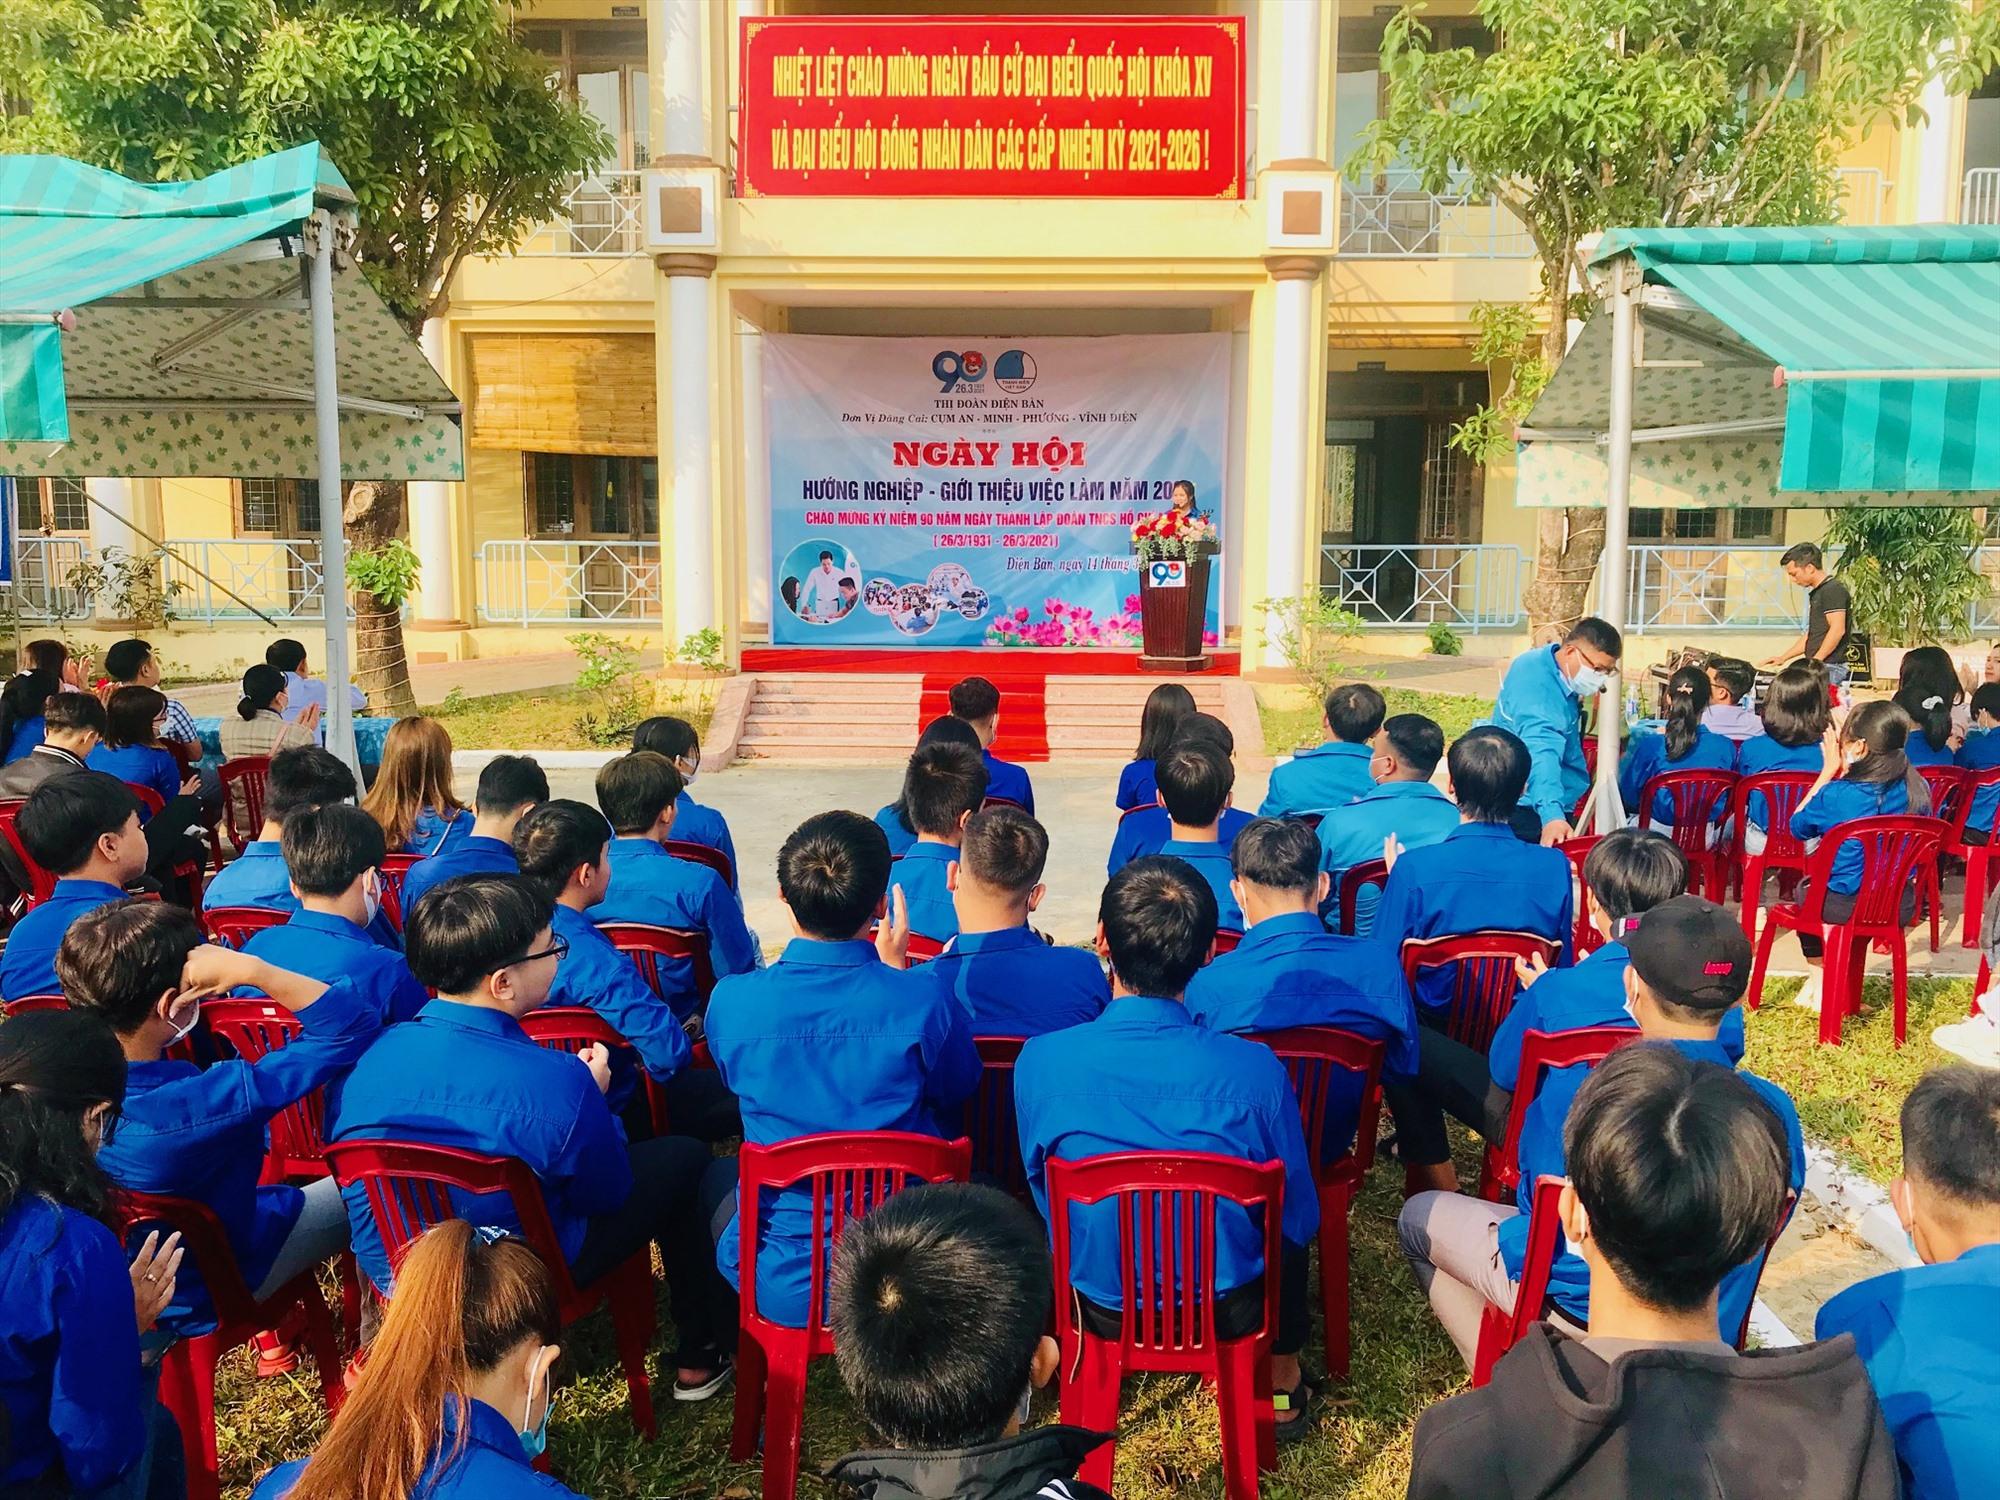 Ngày hội thu hút hơn 100 đoàn viên thanh niên tham gia. Ảnh: Q.T